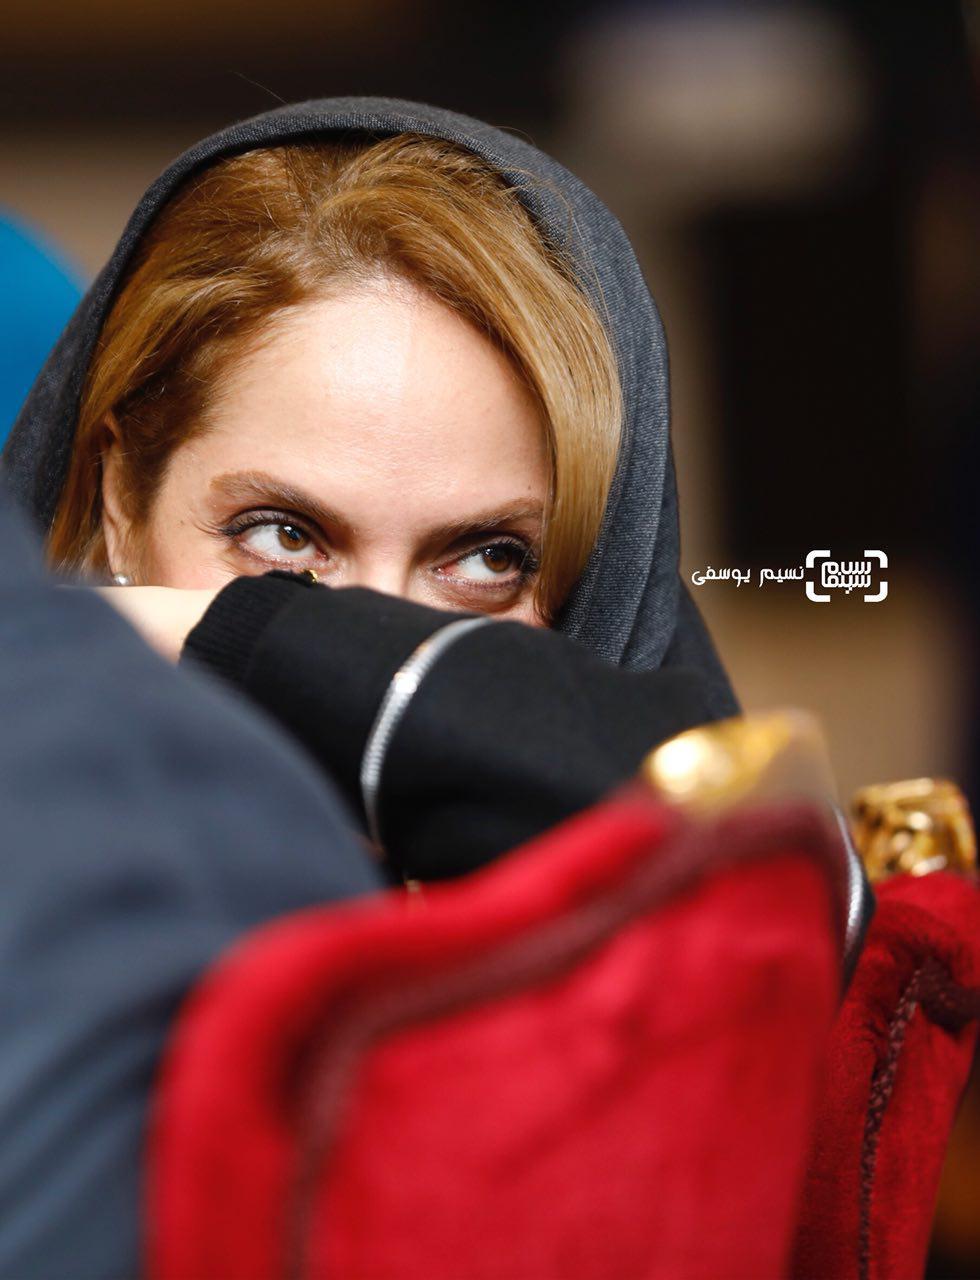 15 عکس برتر جشنواره فیلم فجر از قاب نسیم یوسفی/ مهناز افشار